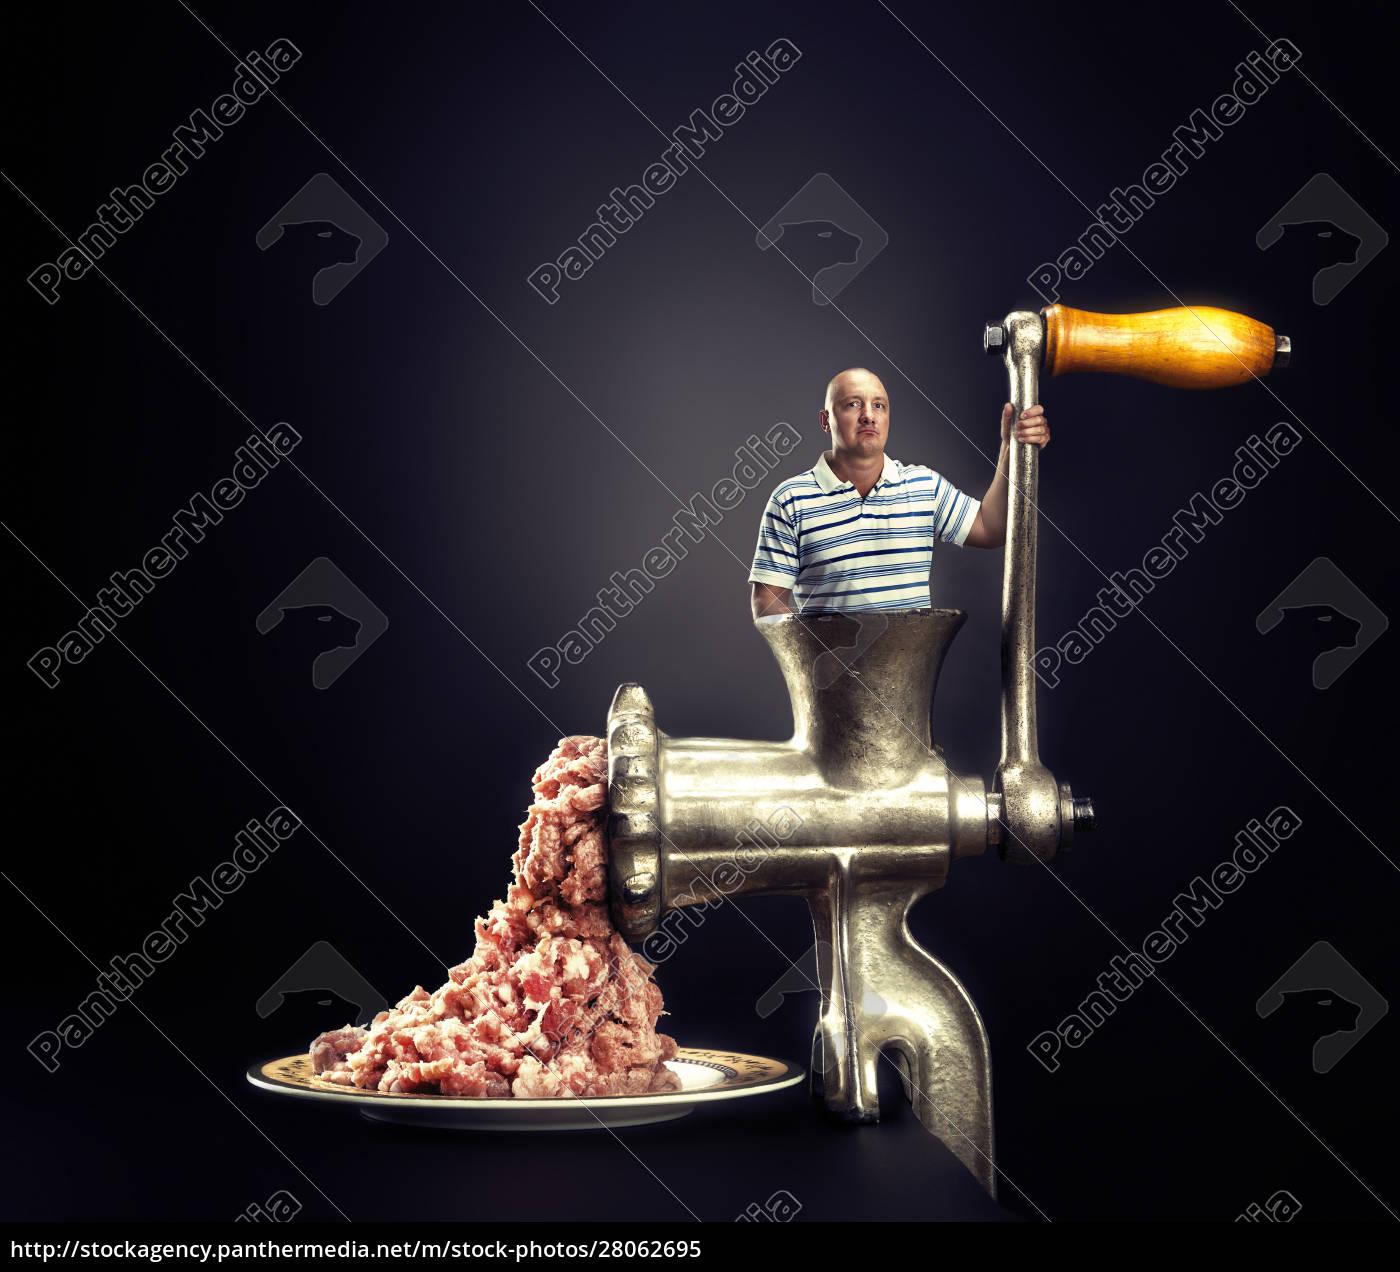 meat, grinder, on, a, black, background - 28062695